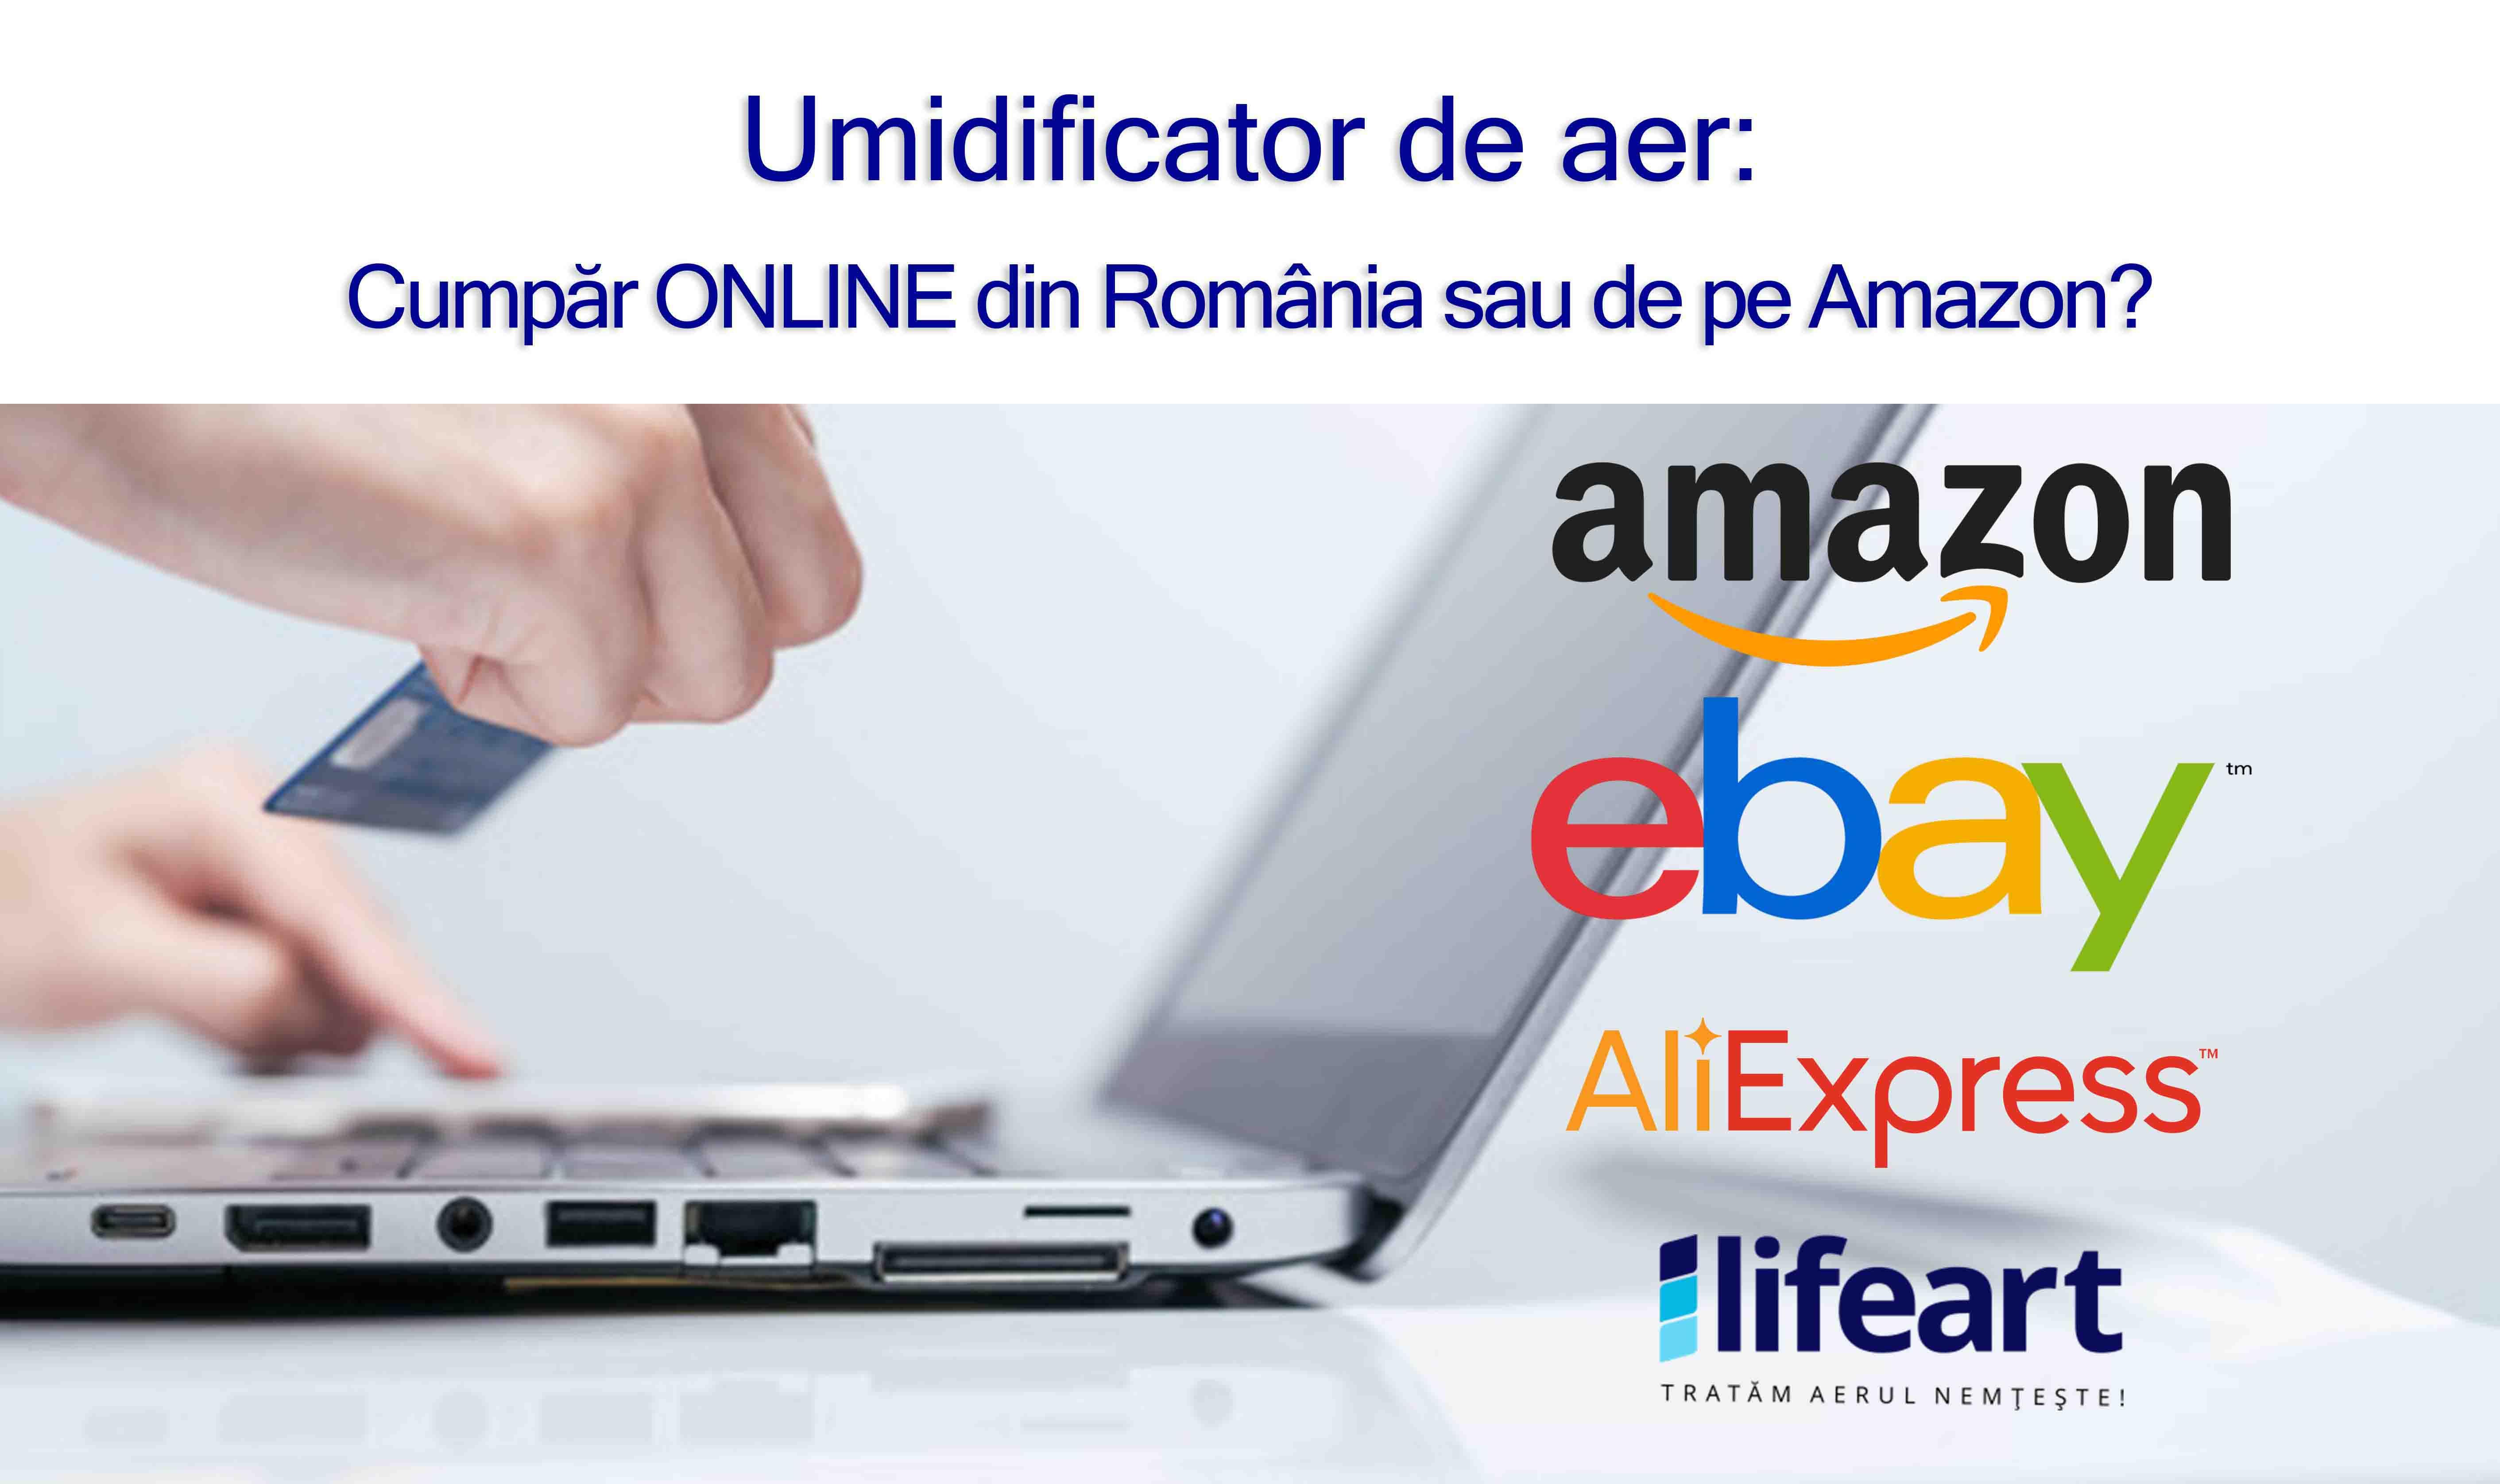 De ce sa cumpar umidificator de aer online din Romania si nu de pe Amazon?